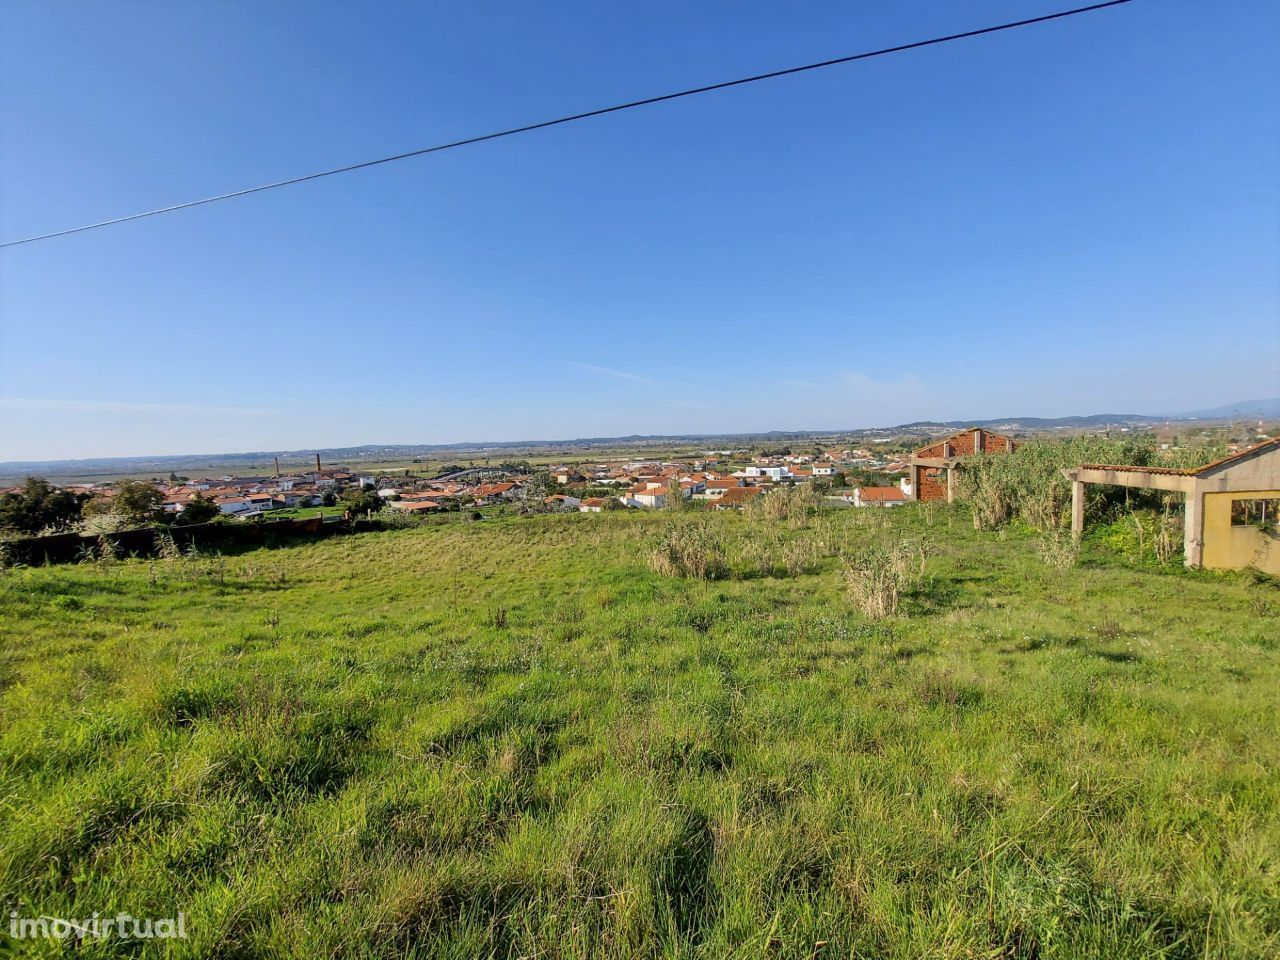 Terreno com 7.350 m2 na Ribeira de Frades, Coimbra